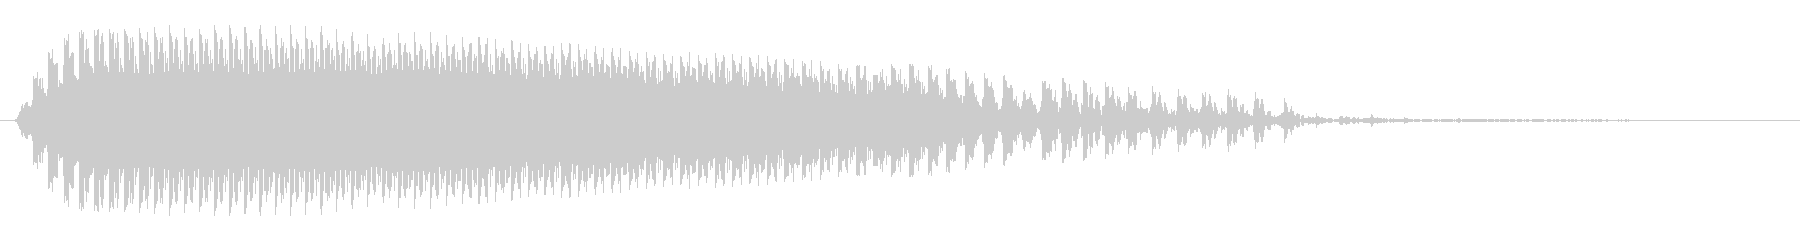 モォ〜という牛の声の未再生の波形